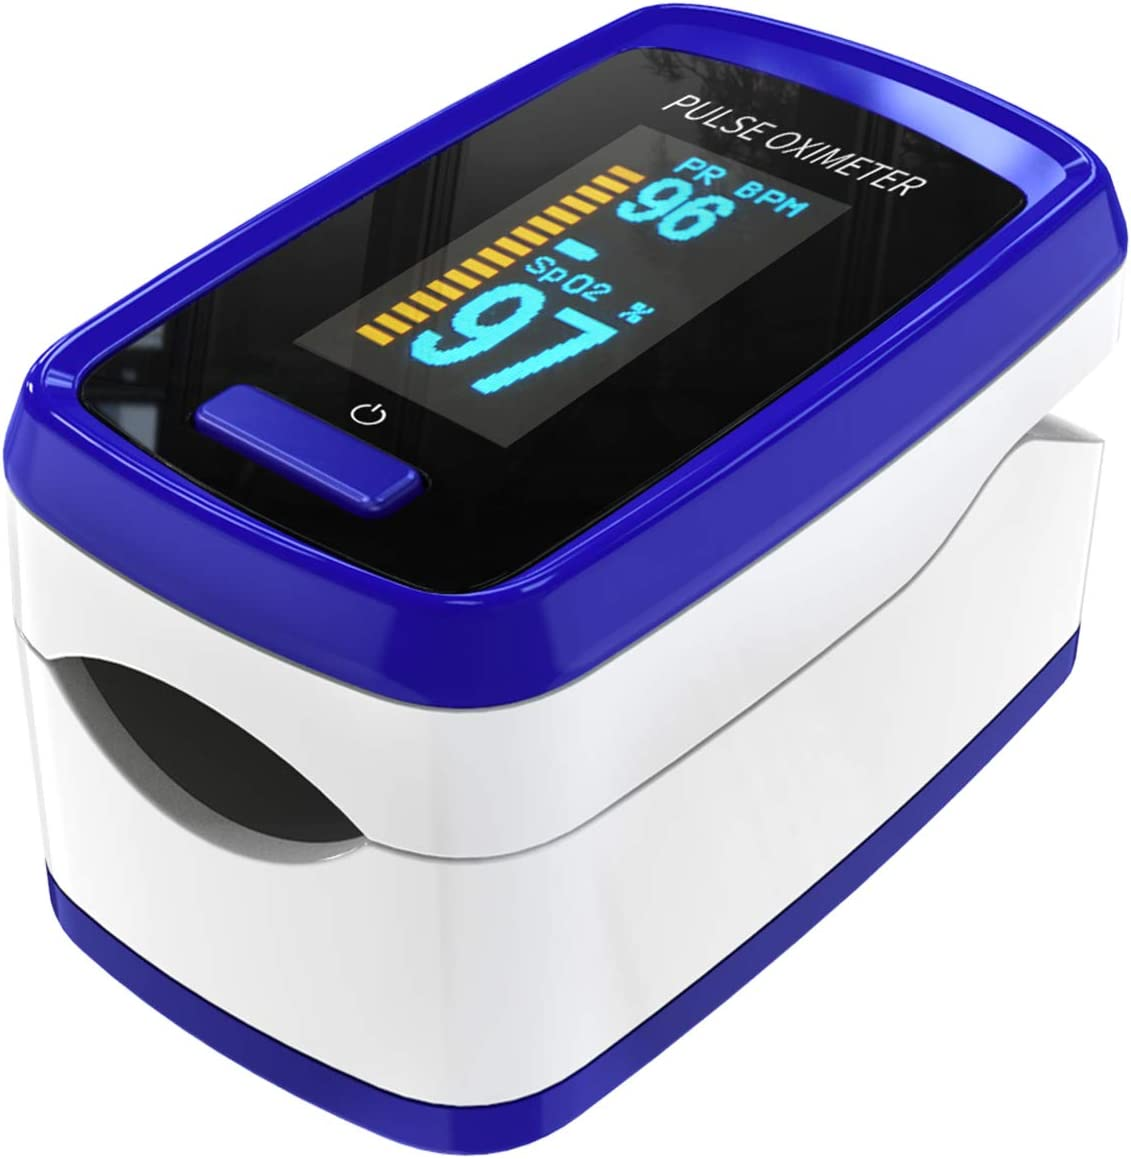 Oxímetro de pulso para dispositivo de medición de oxígeno del dedo, Pulse Oximetro el dispositivo de medición de dedo mide la frecuencia del pulso de saturación de oxígeno, oxímetro con pantalla OLED